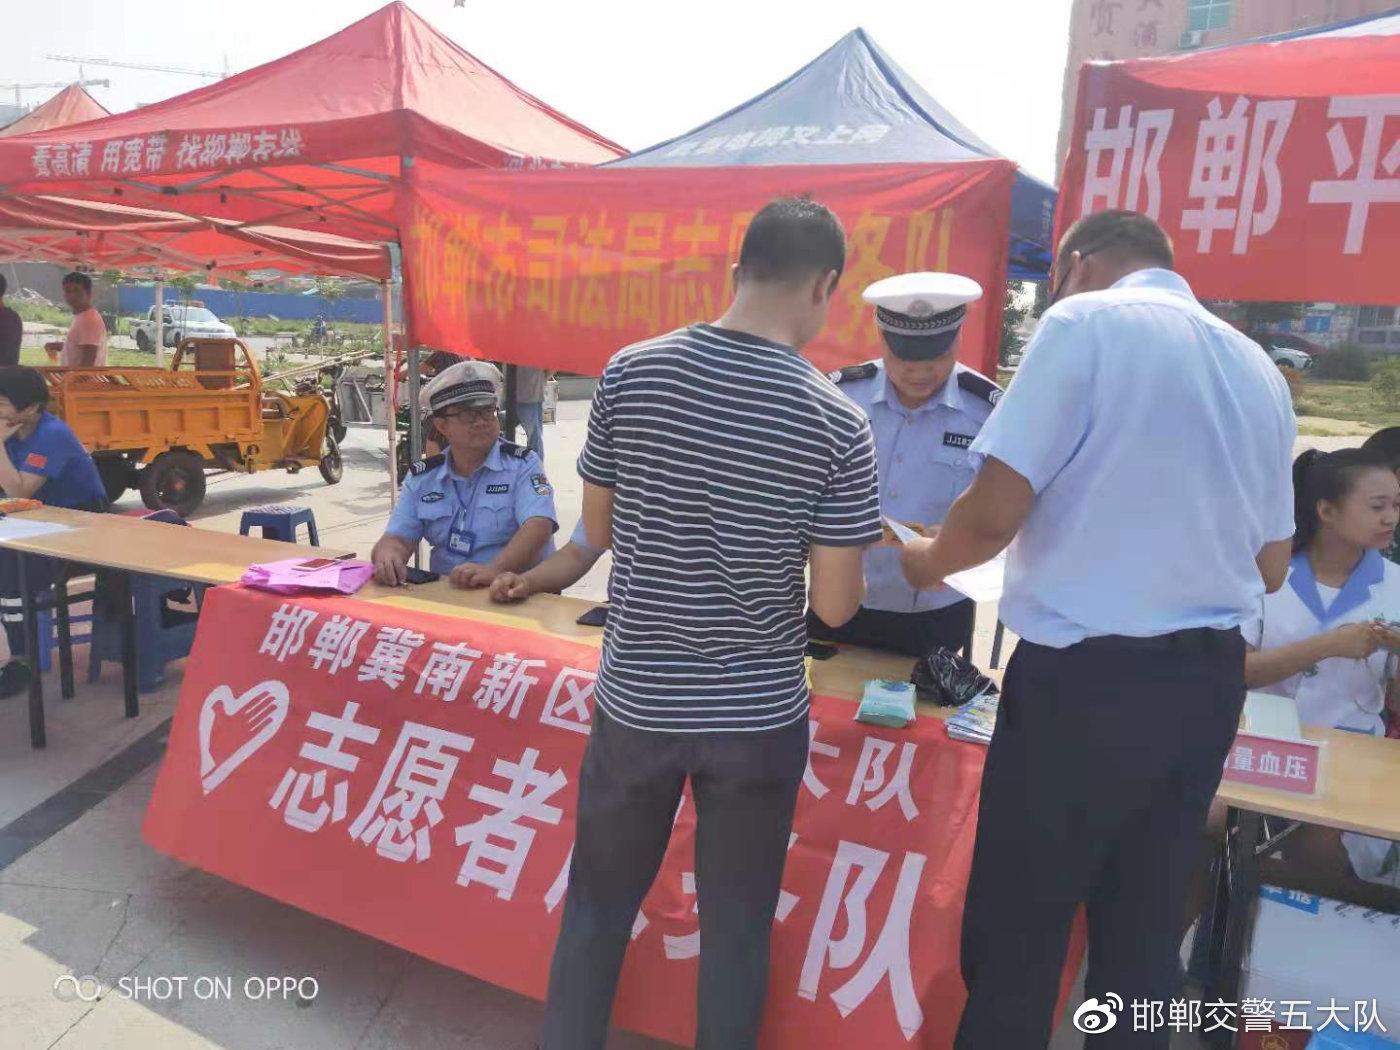 """冀南新区交警走进公园小区开展""""爱心超市""""志愿服务活动"""